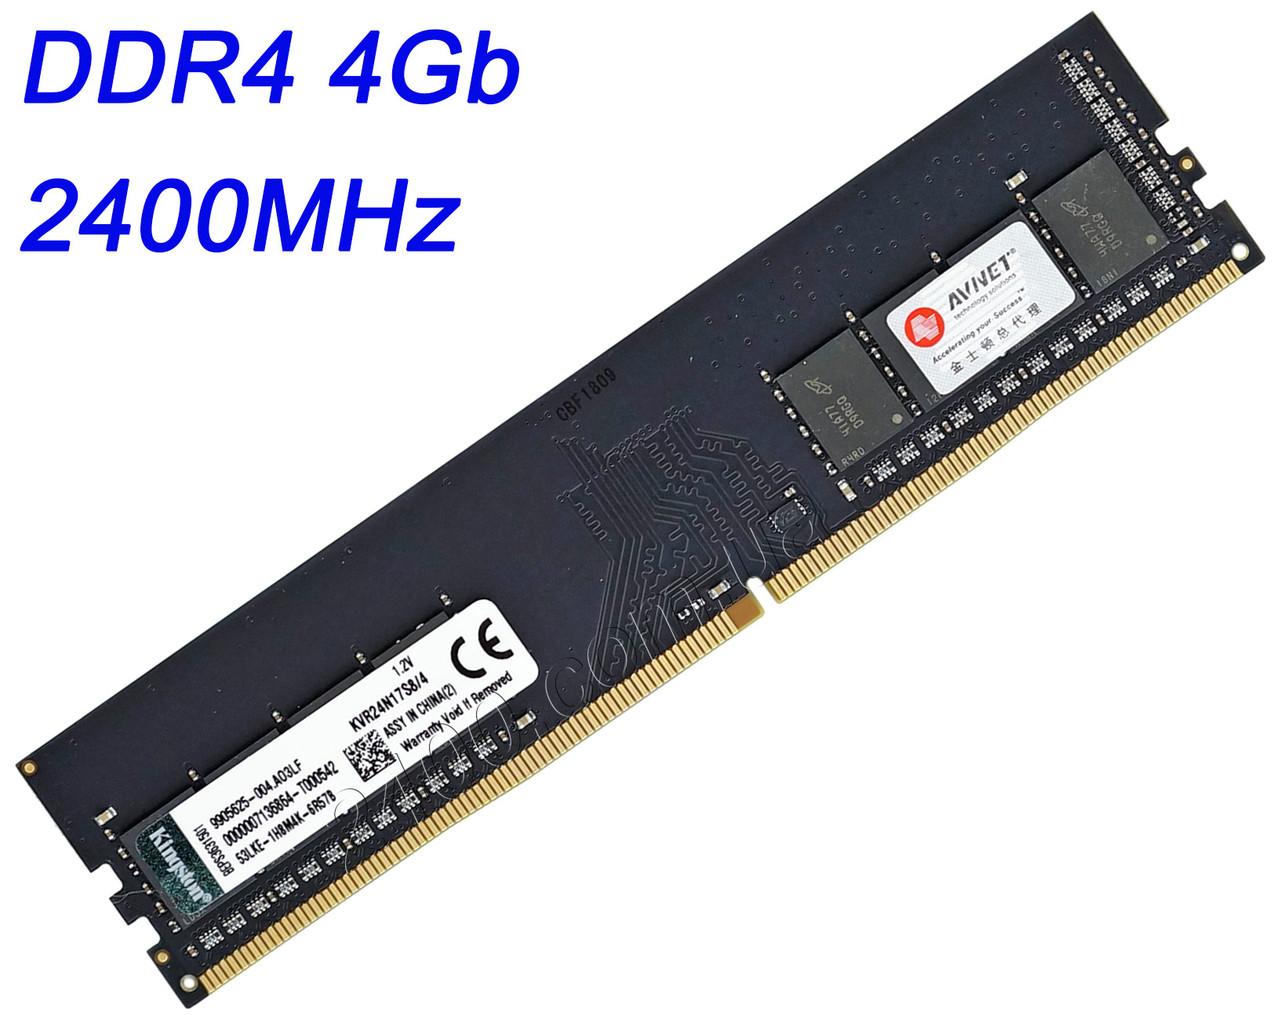 Оперативная память DDR4 4Gb (4 Гб) 2400MHz PC4-19200 (KVR24N17S8/4) универсальная 4096MB ДДР4 4Гб (4 Gb)